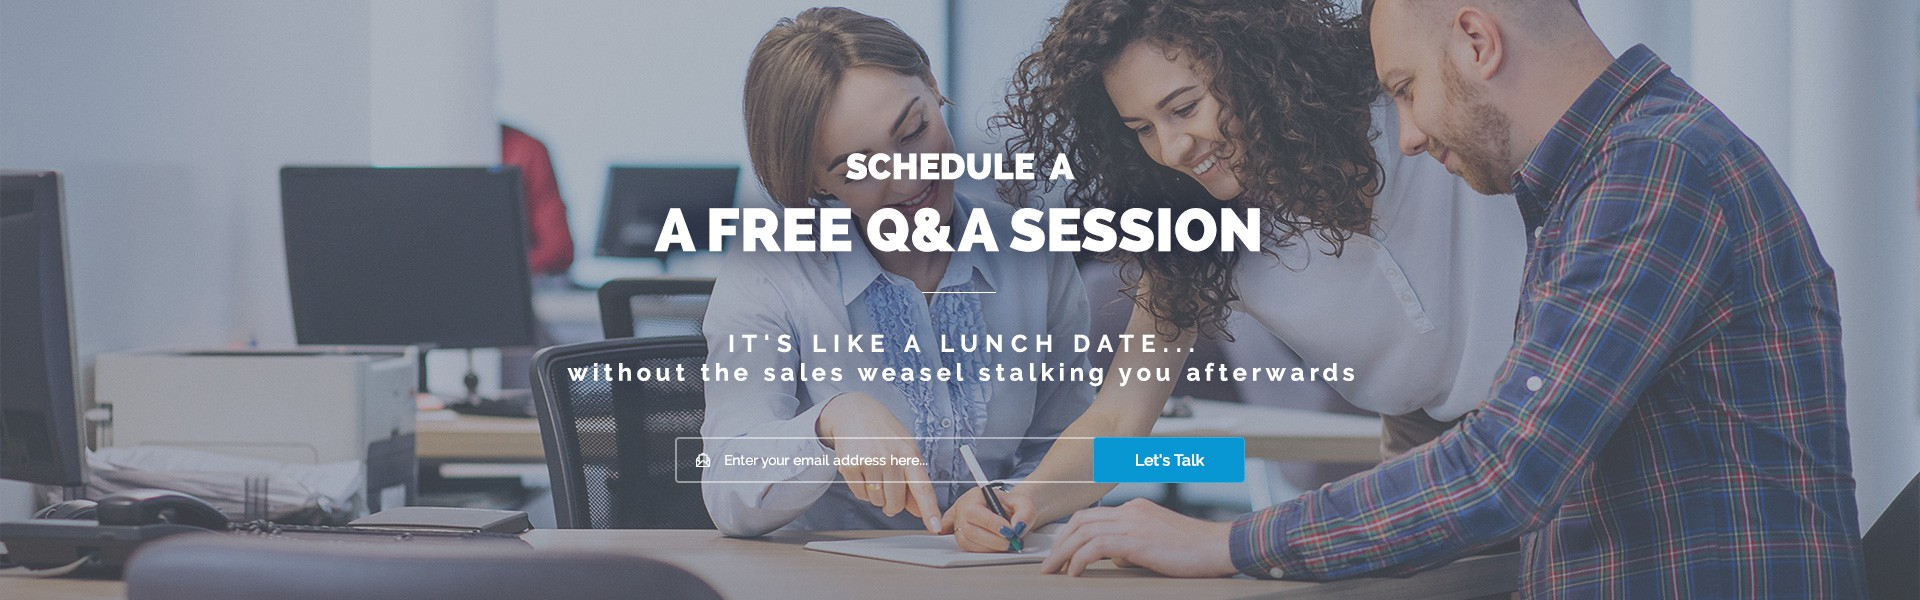 CTA Design - Schedule A Free Q&A Session